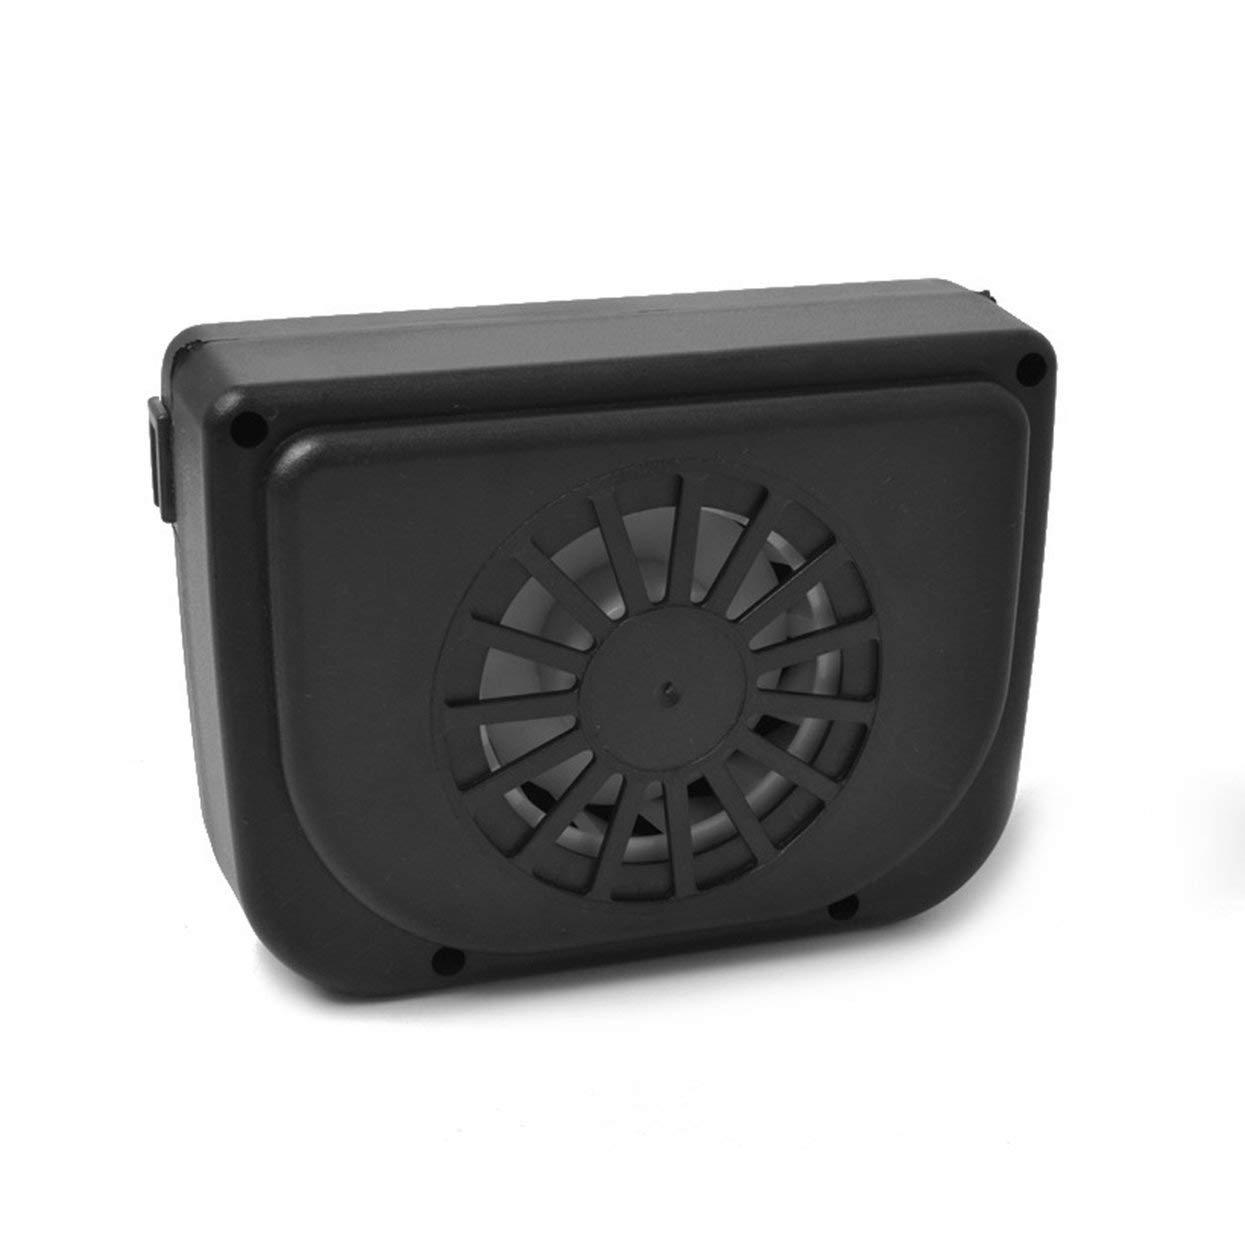 Tellaboull Aria condizionata Eco-Compatibile Mini Auto Aria condizionata Facile da installare Sfogo Aria Ventilatore Freddo Auto condizionatore dAria di Ventilazione